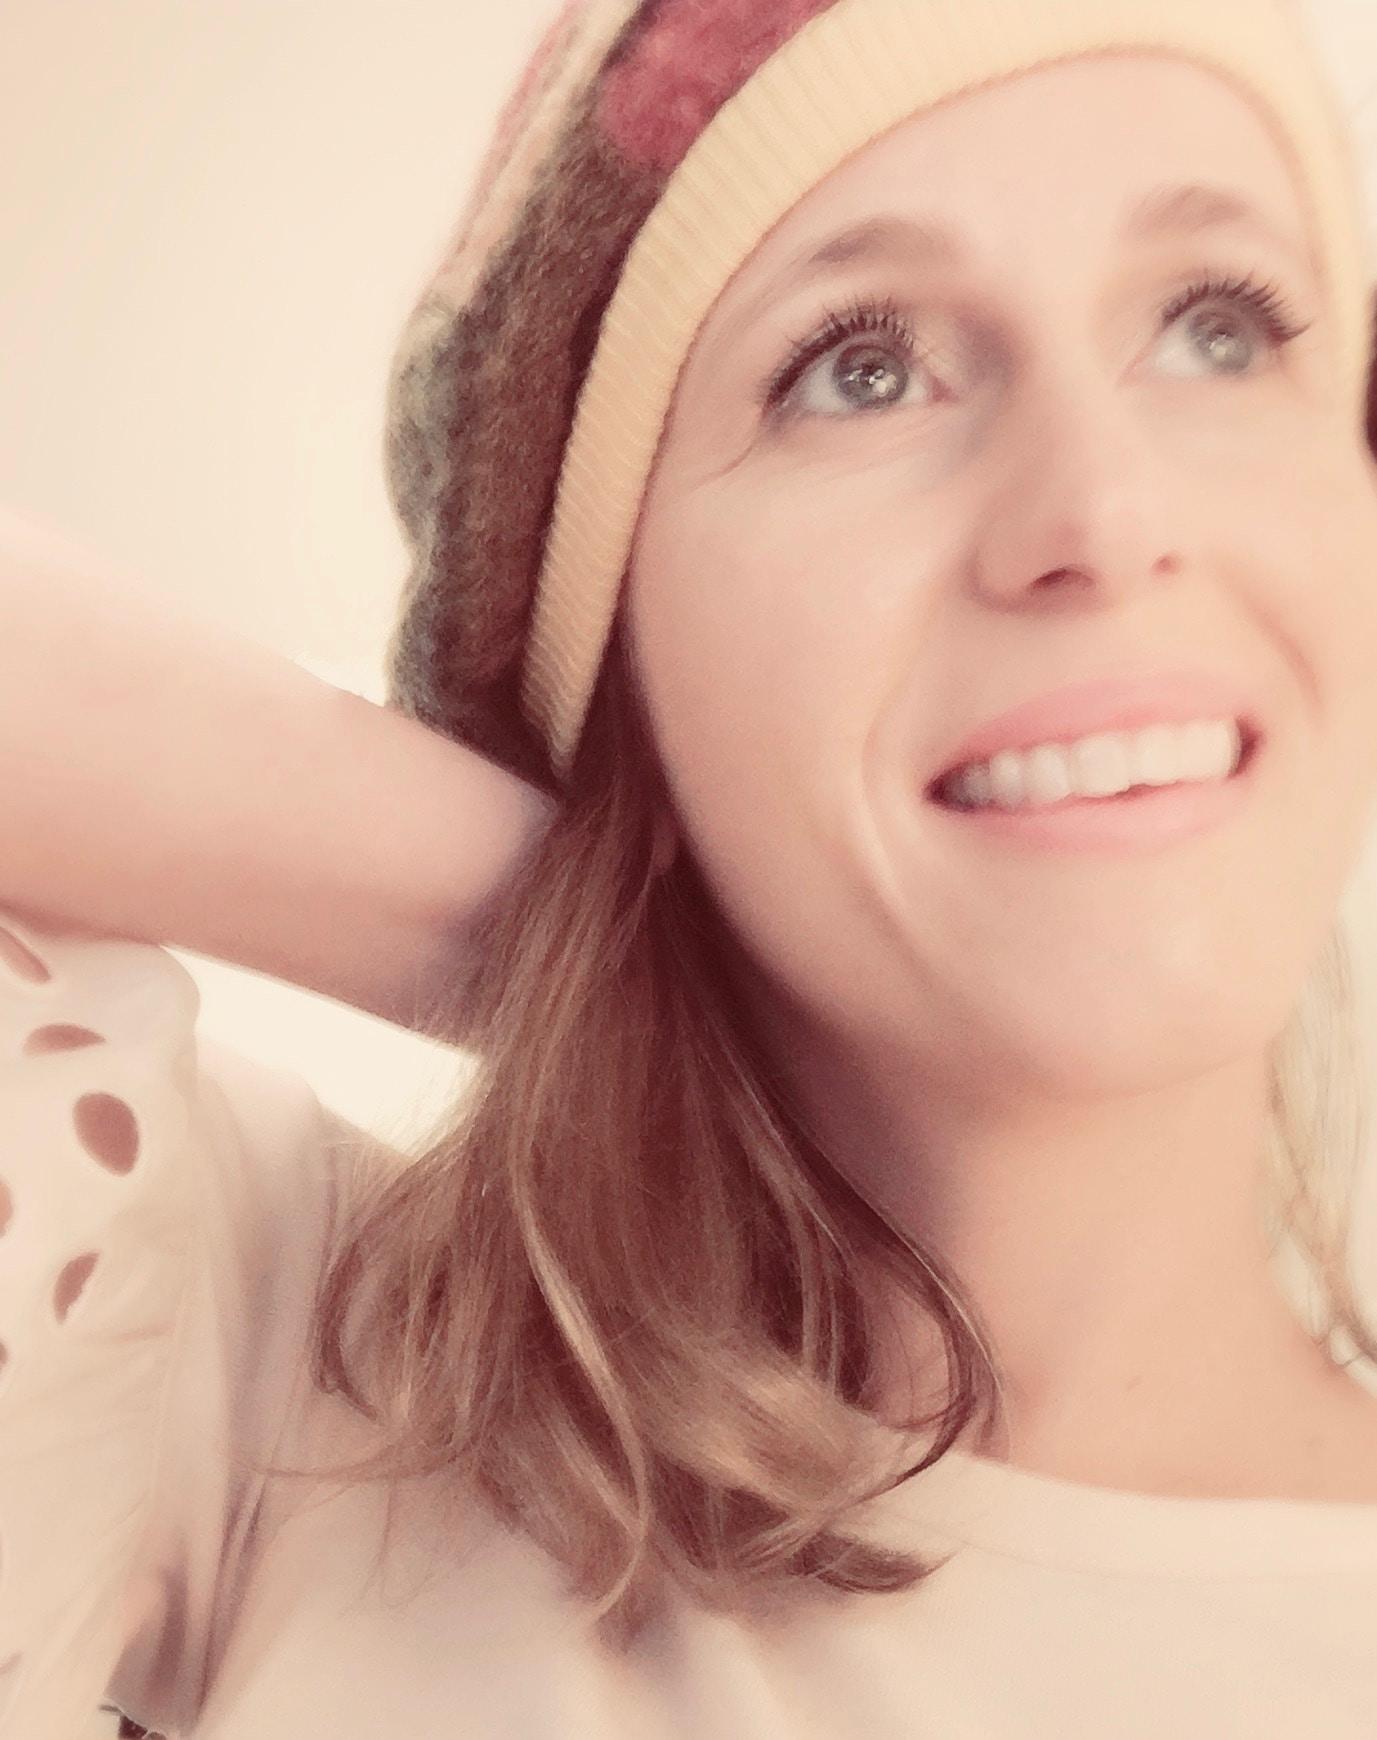 Go to Sarah Grover's profile